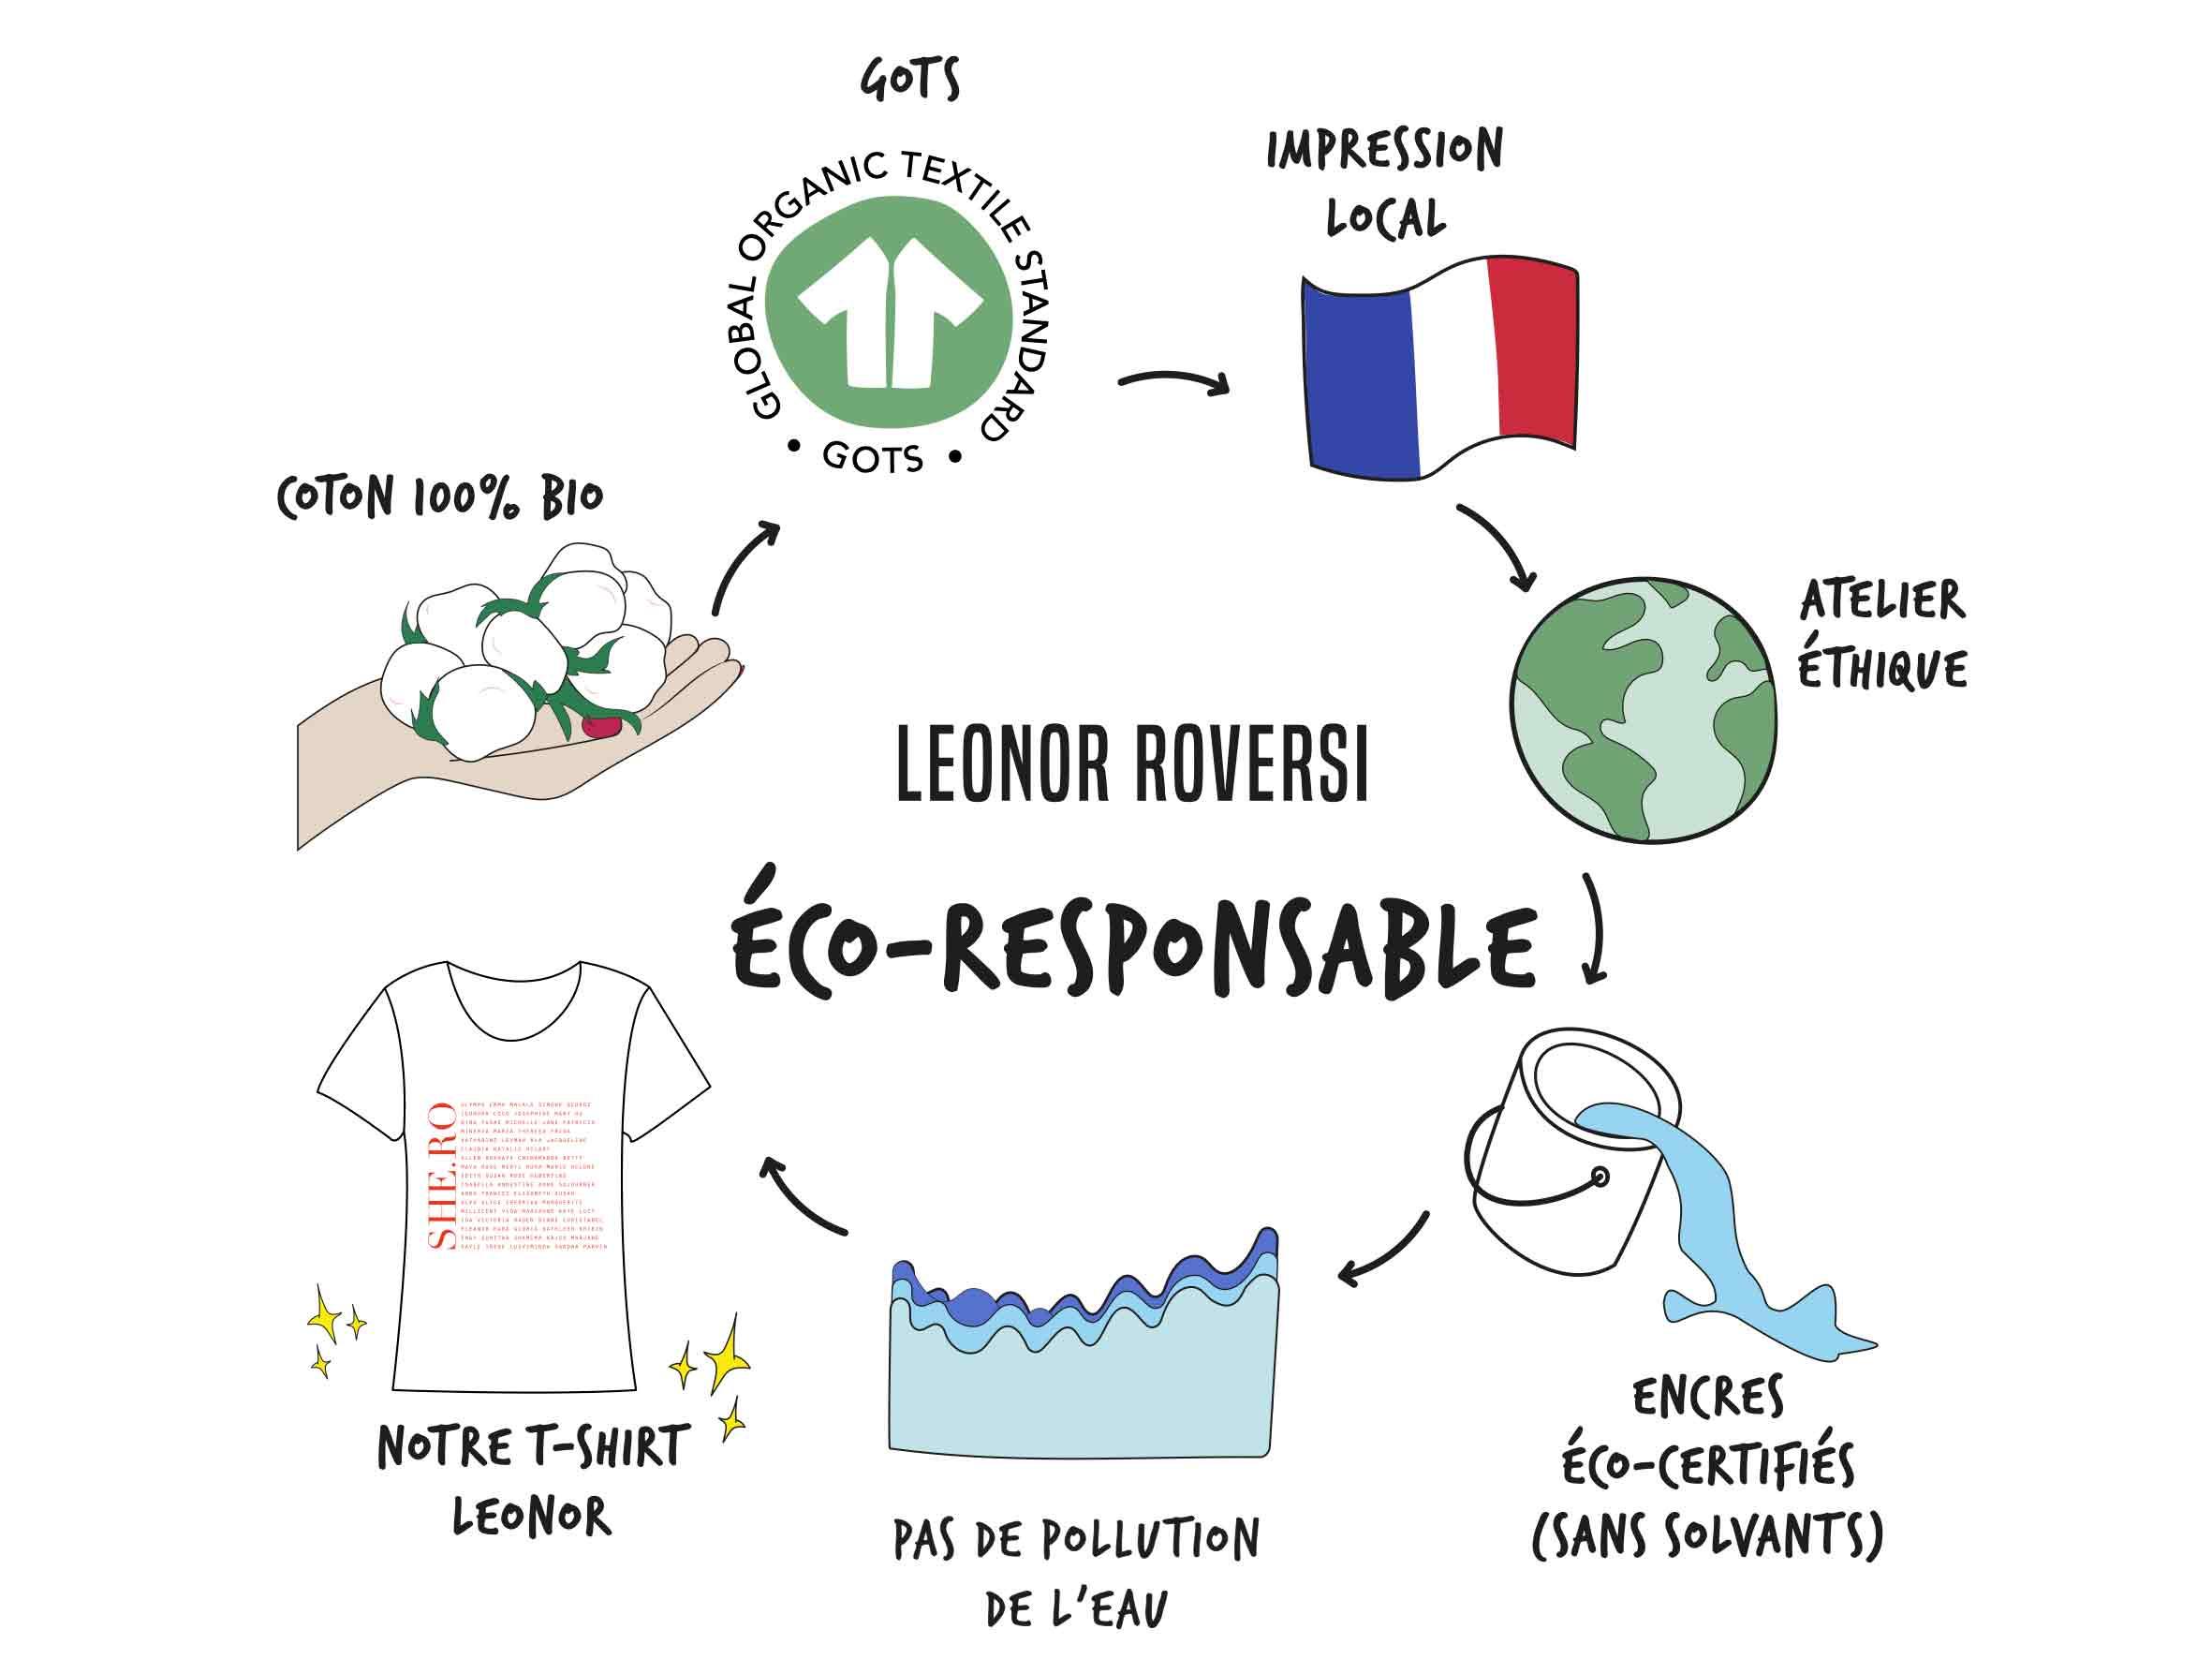 dessin leonor roversi sur eco-responsable